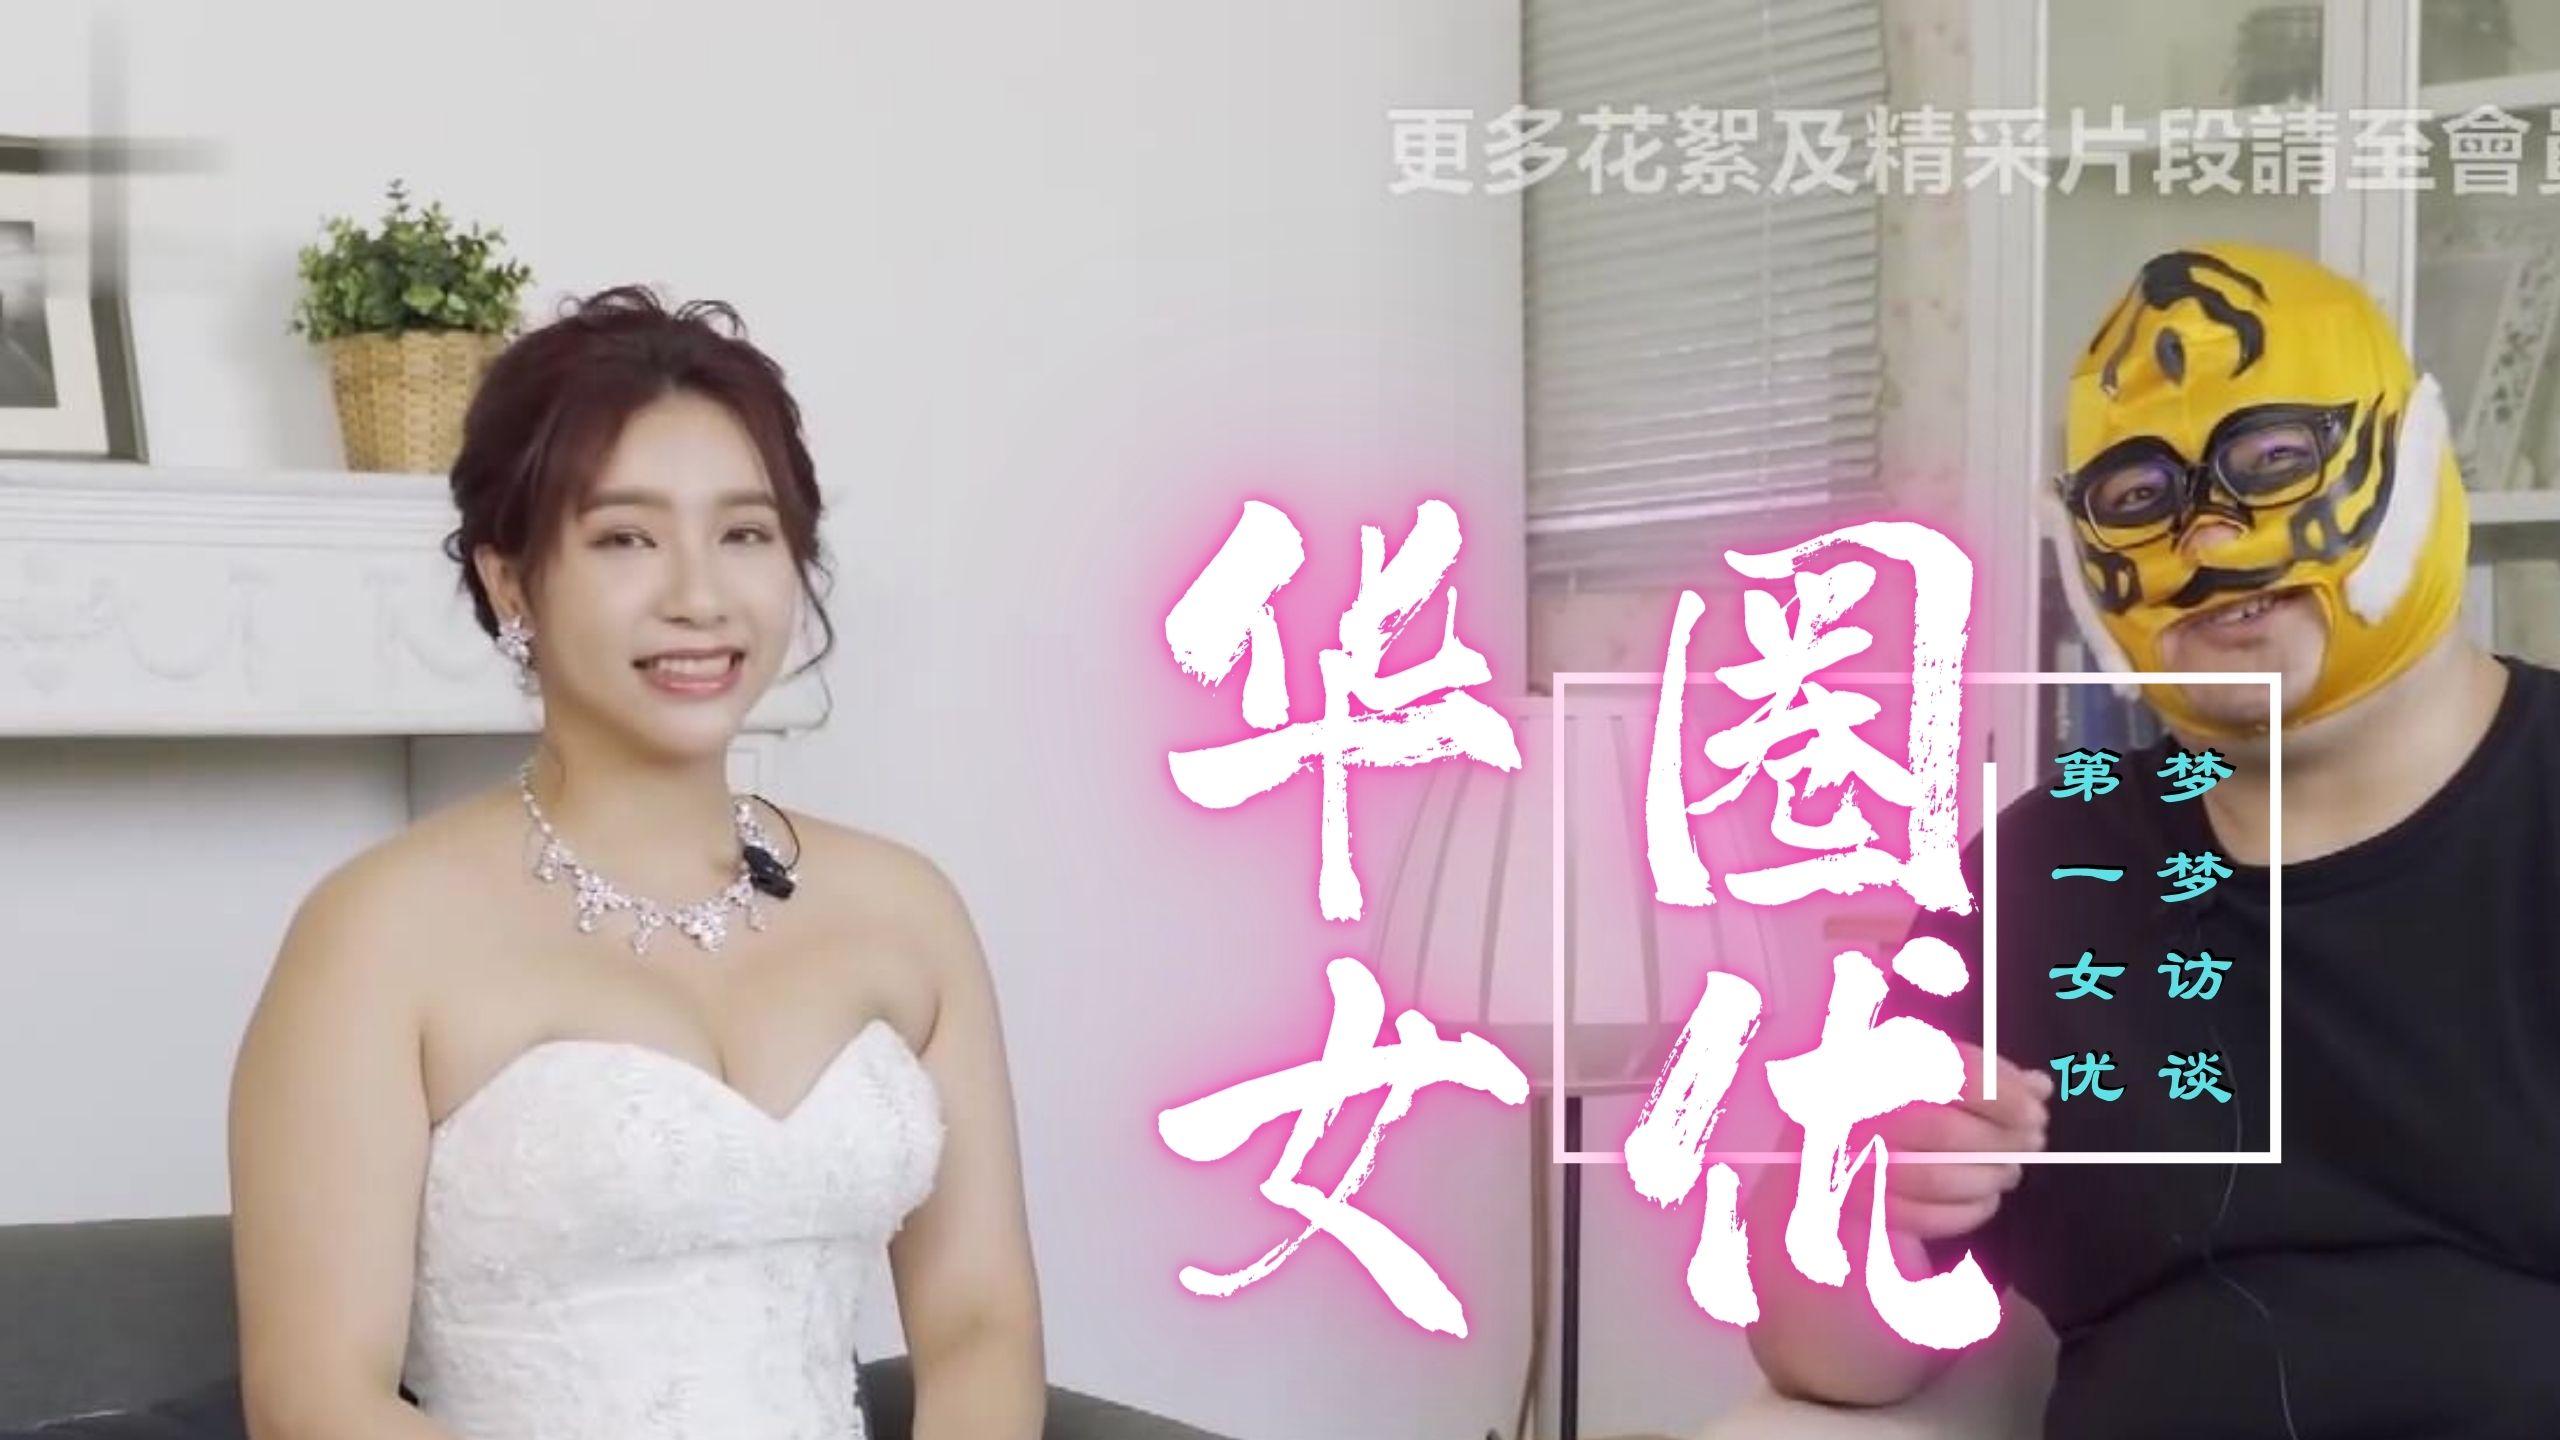 華語圈第一女優吳夢夢